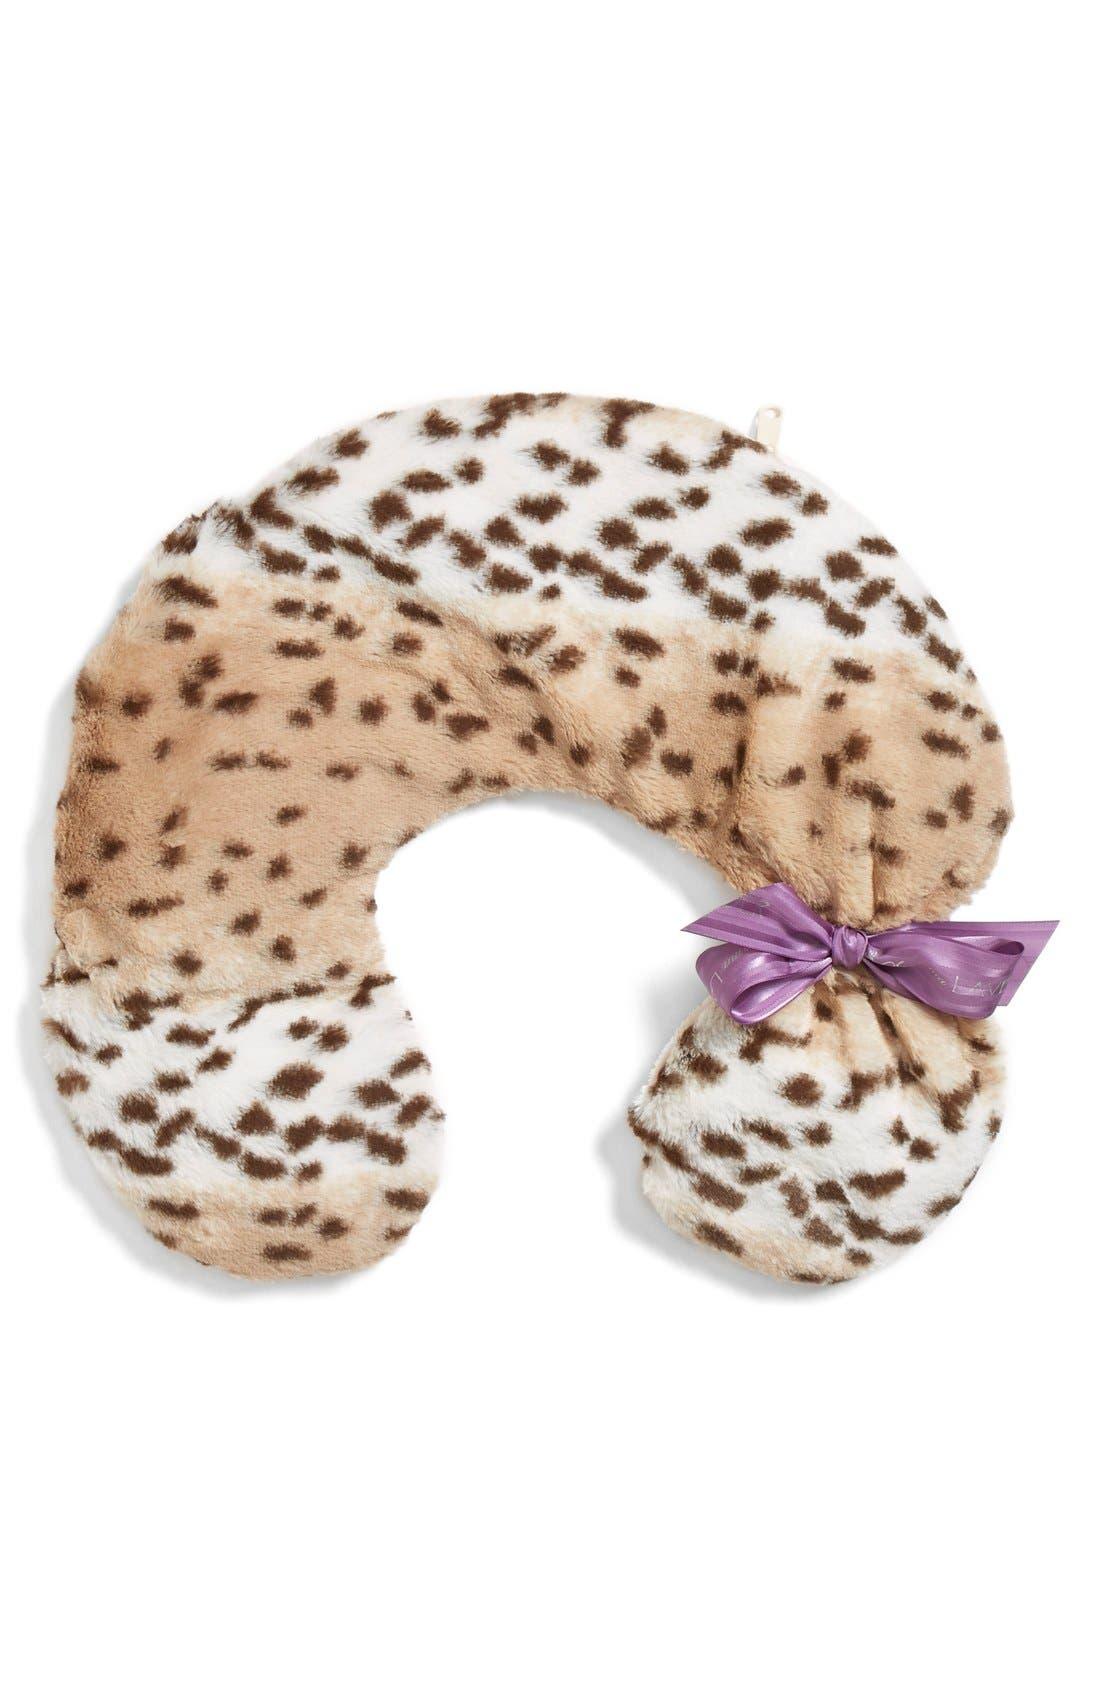 'Snow Leopard' Neck Pillow,                             Main thumbnail 1, color,                             No Color